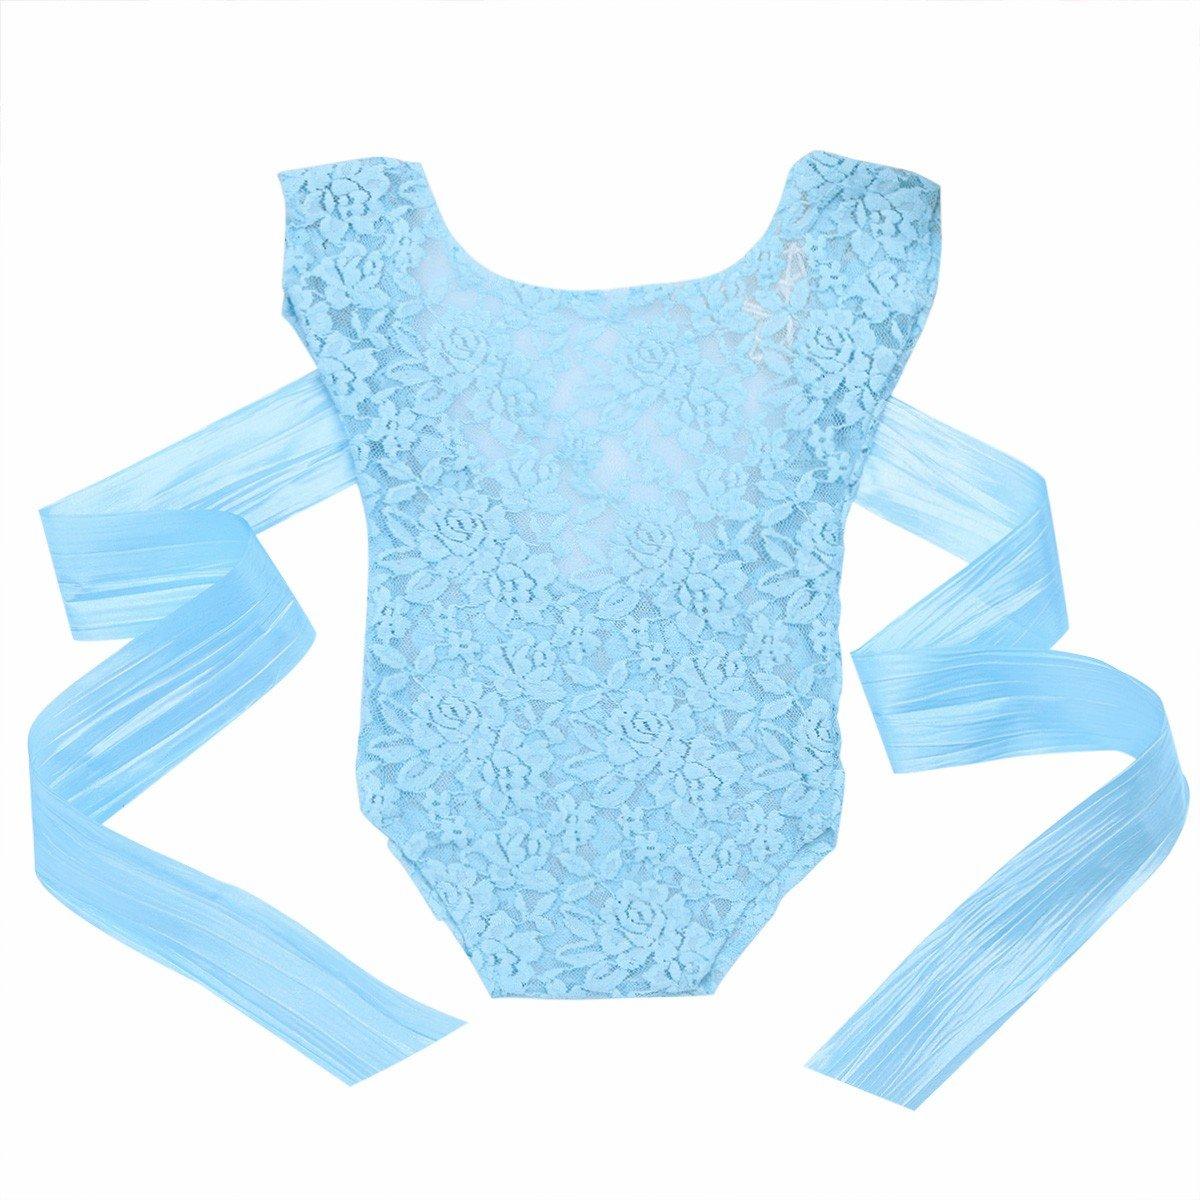 iiniim Neugeborenes Baby M/ädchen Strampler Spitze Bodysuit Sommer Outfits Foto Fotografie Prop Babybekleidung